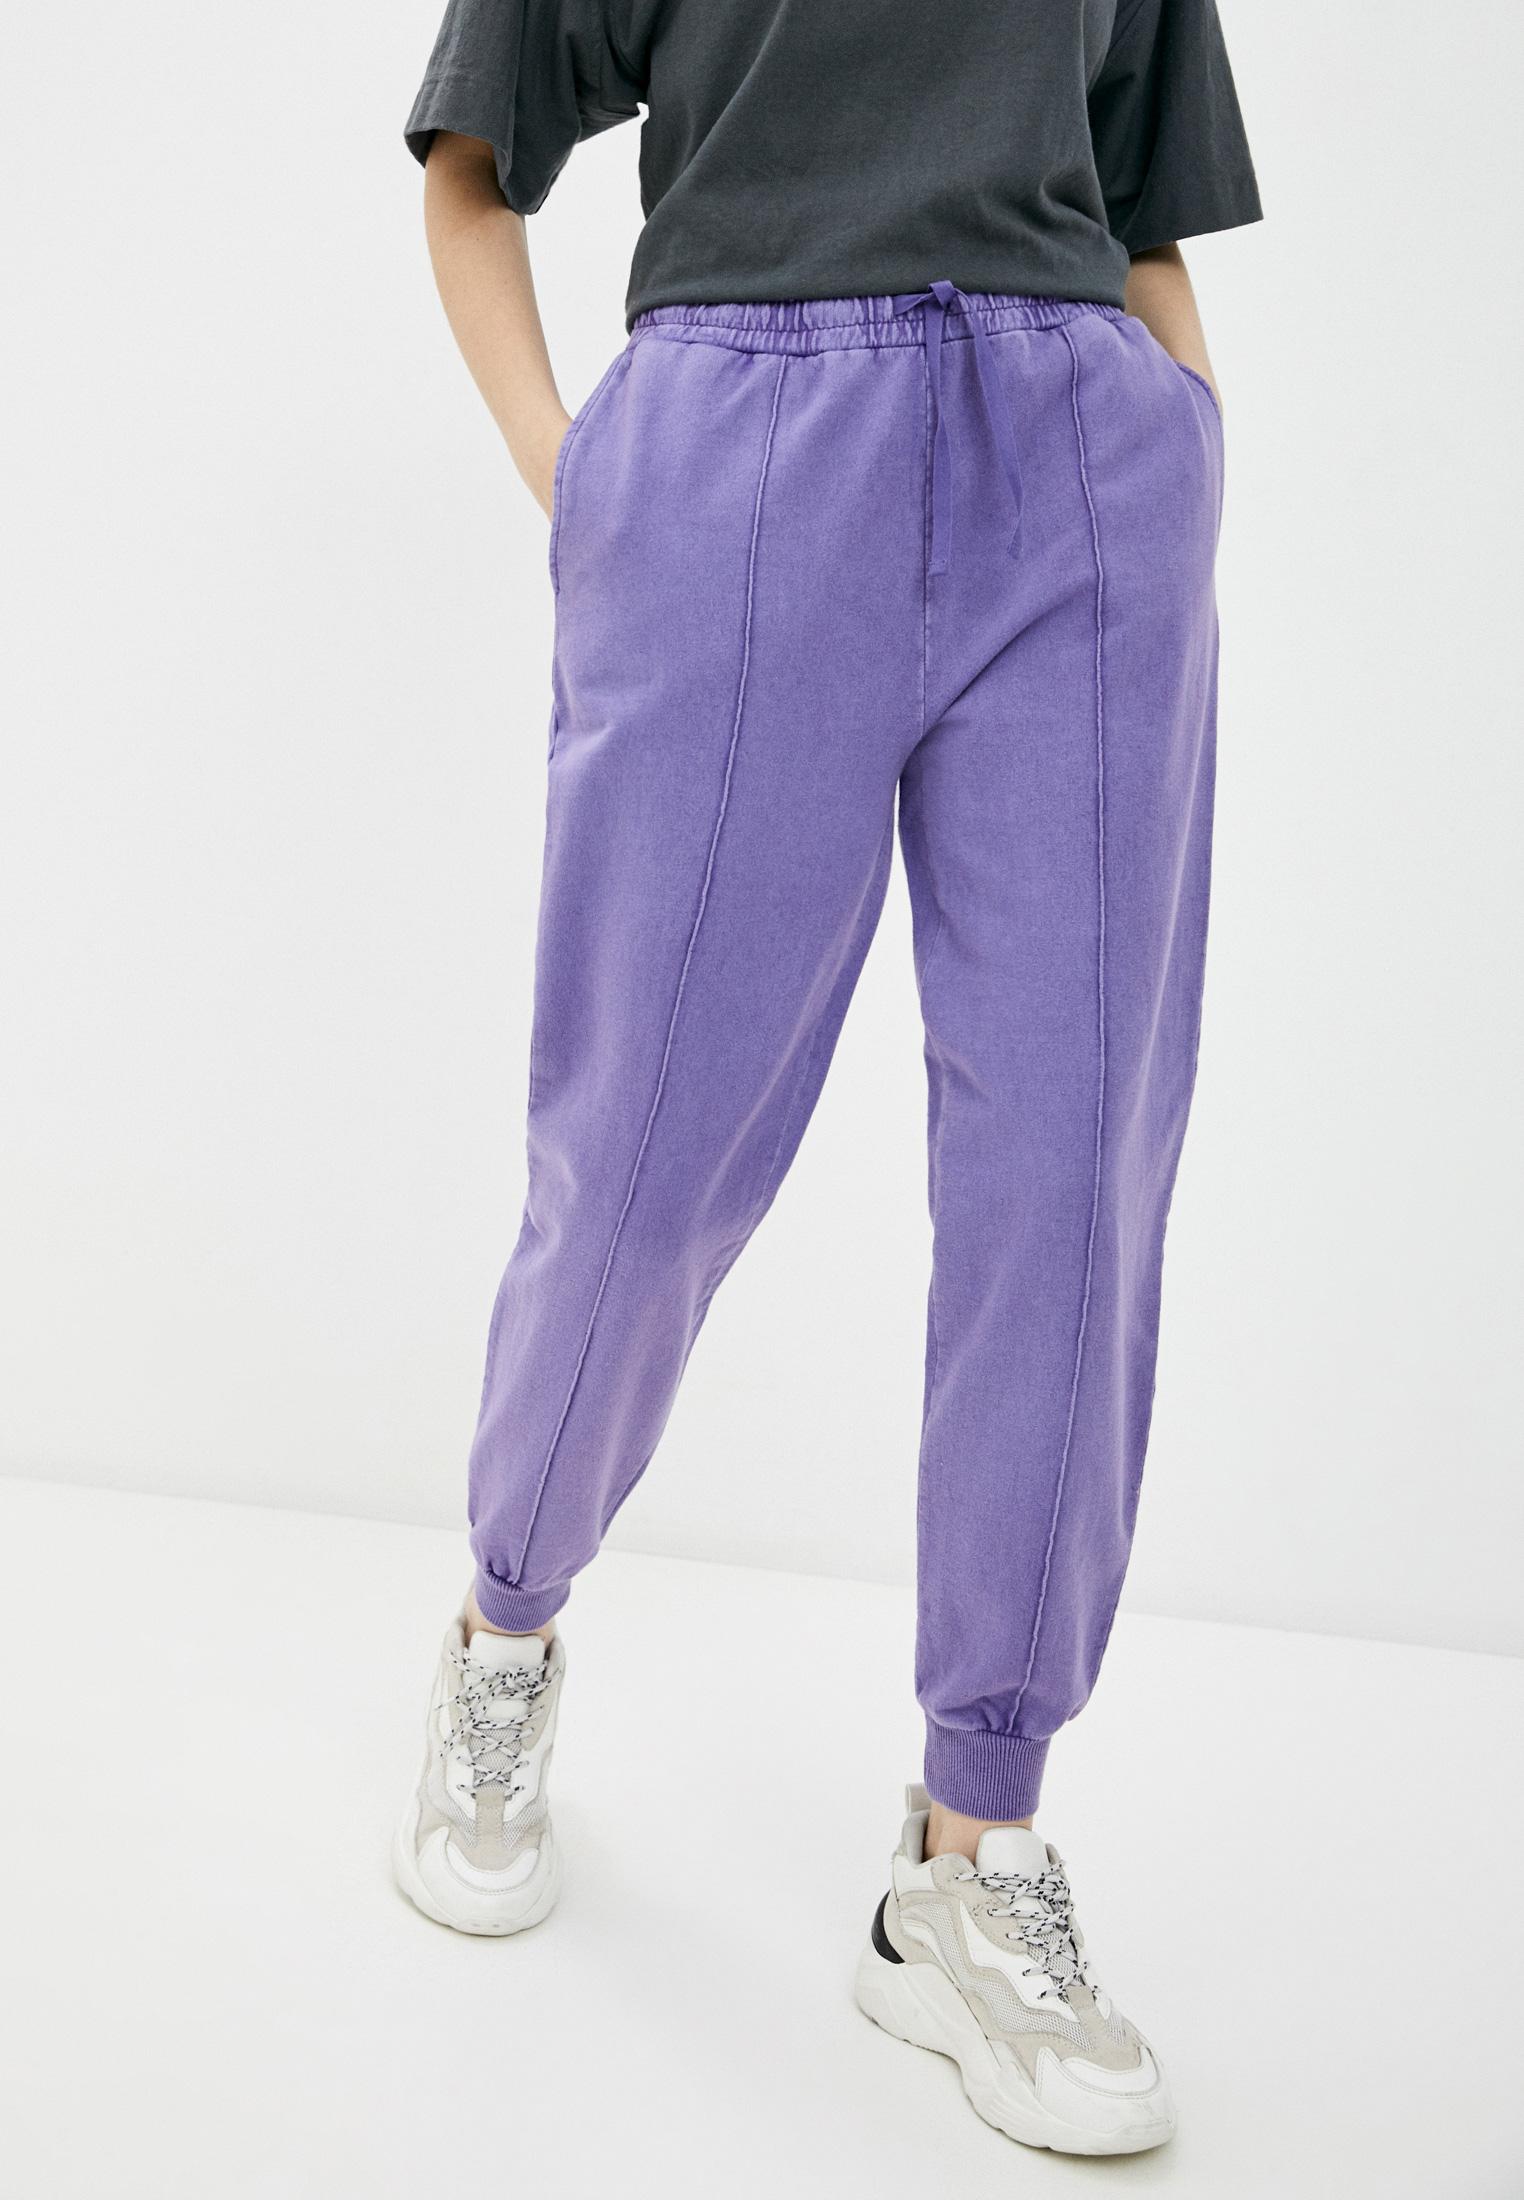 Женские спортивные брюки Topshop (Топ Шоп) Брюки спортивные Topshop